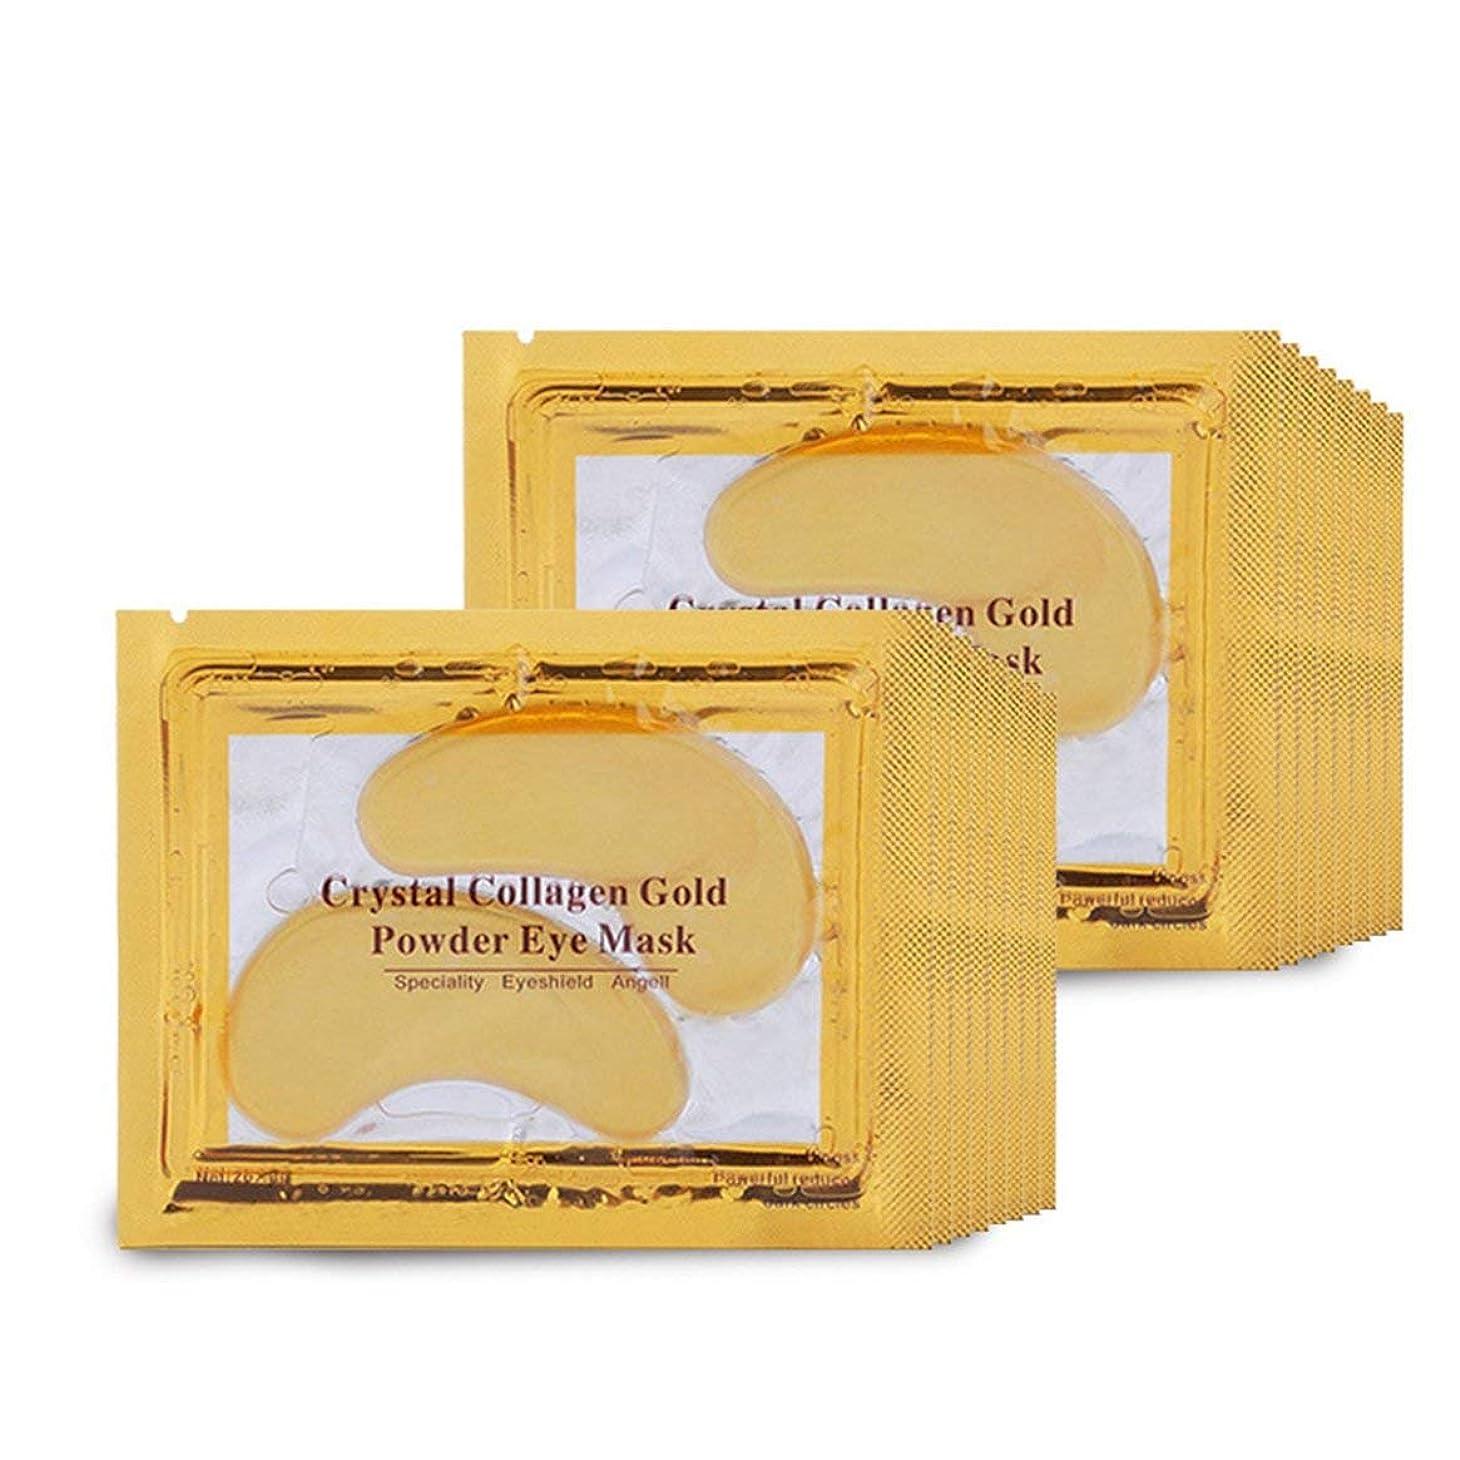 男性役に立つ抜け目がないゴールドクリスタルコラーゲンアイマスクアイパッチフェイスケア用アイマスクダークサークルジェルマスクアンチリンクルを削除(色:黄色)